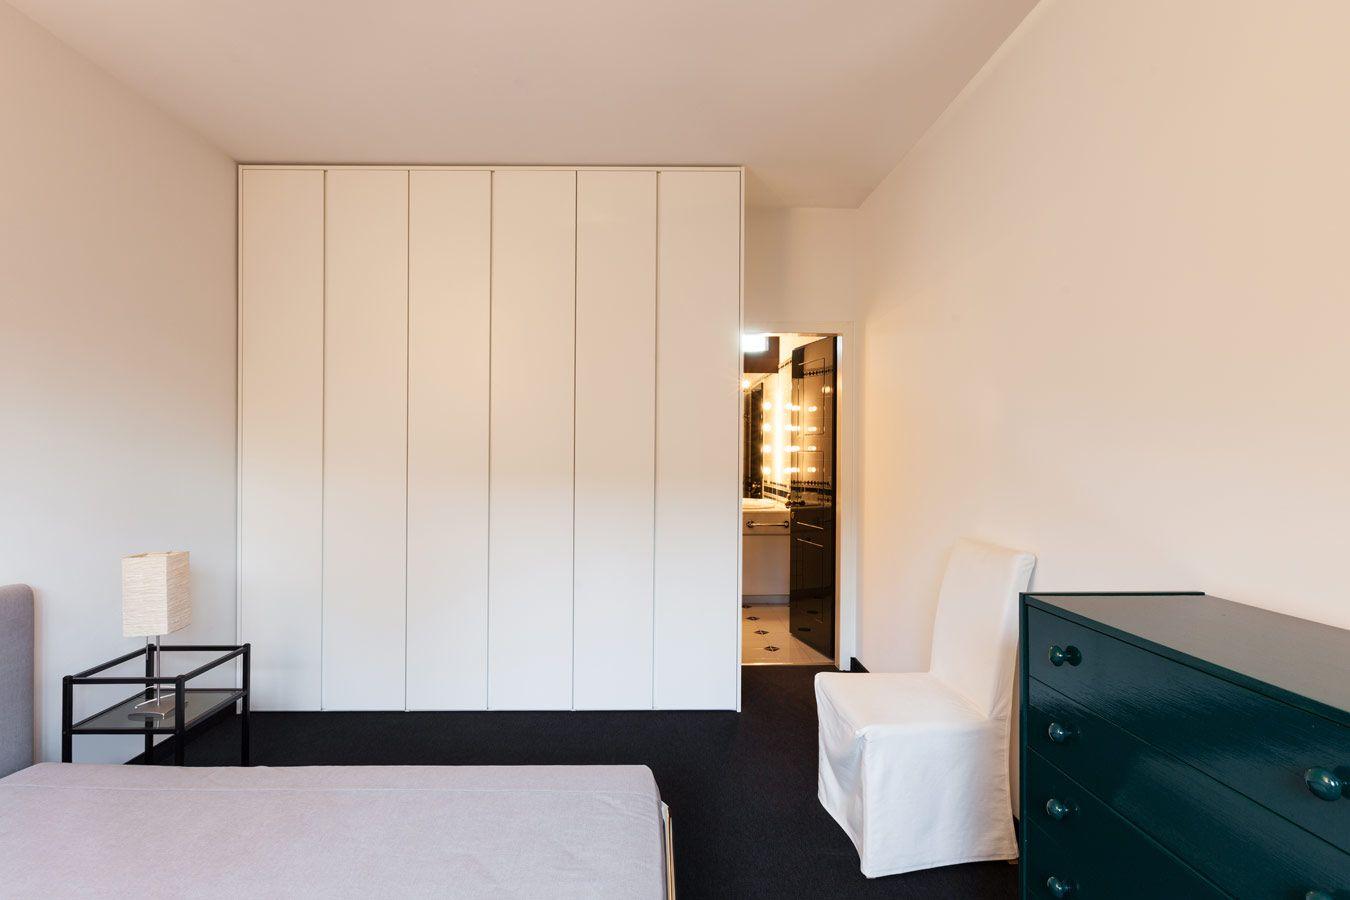 Witte inbouwkast met draaideuren in de slaapkamer | inbouwkasten ...